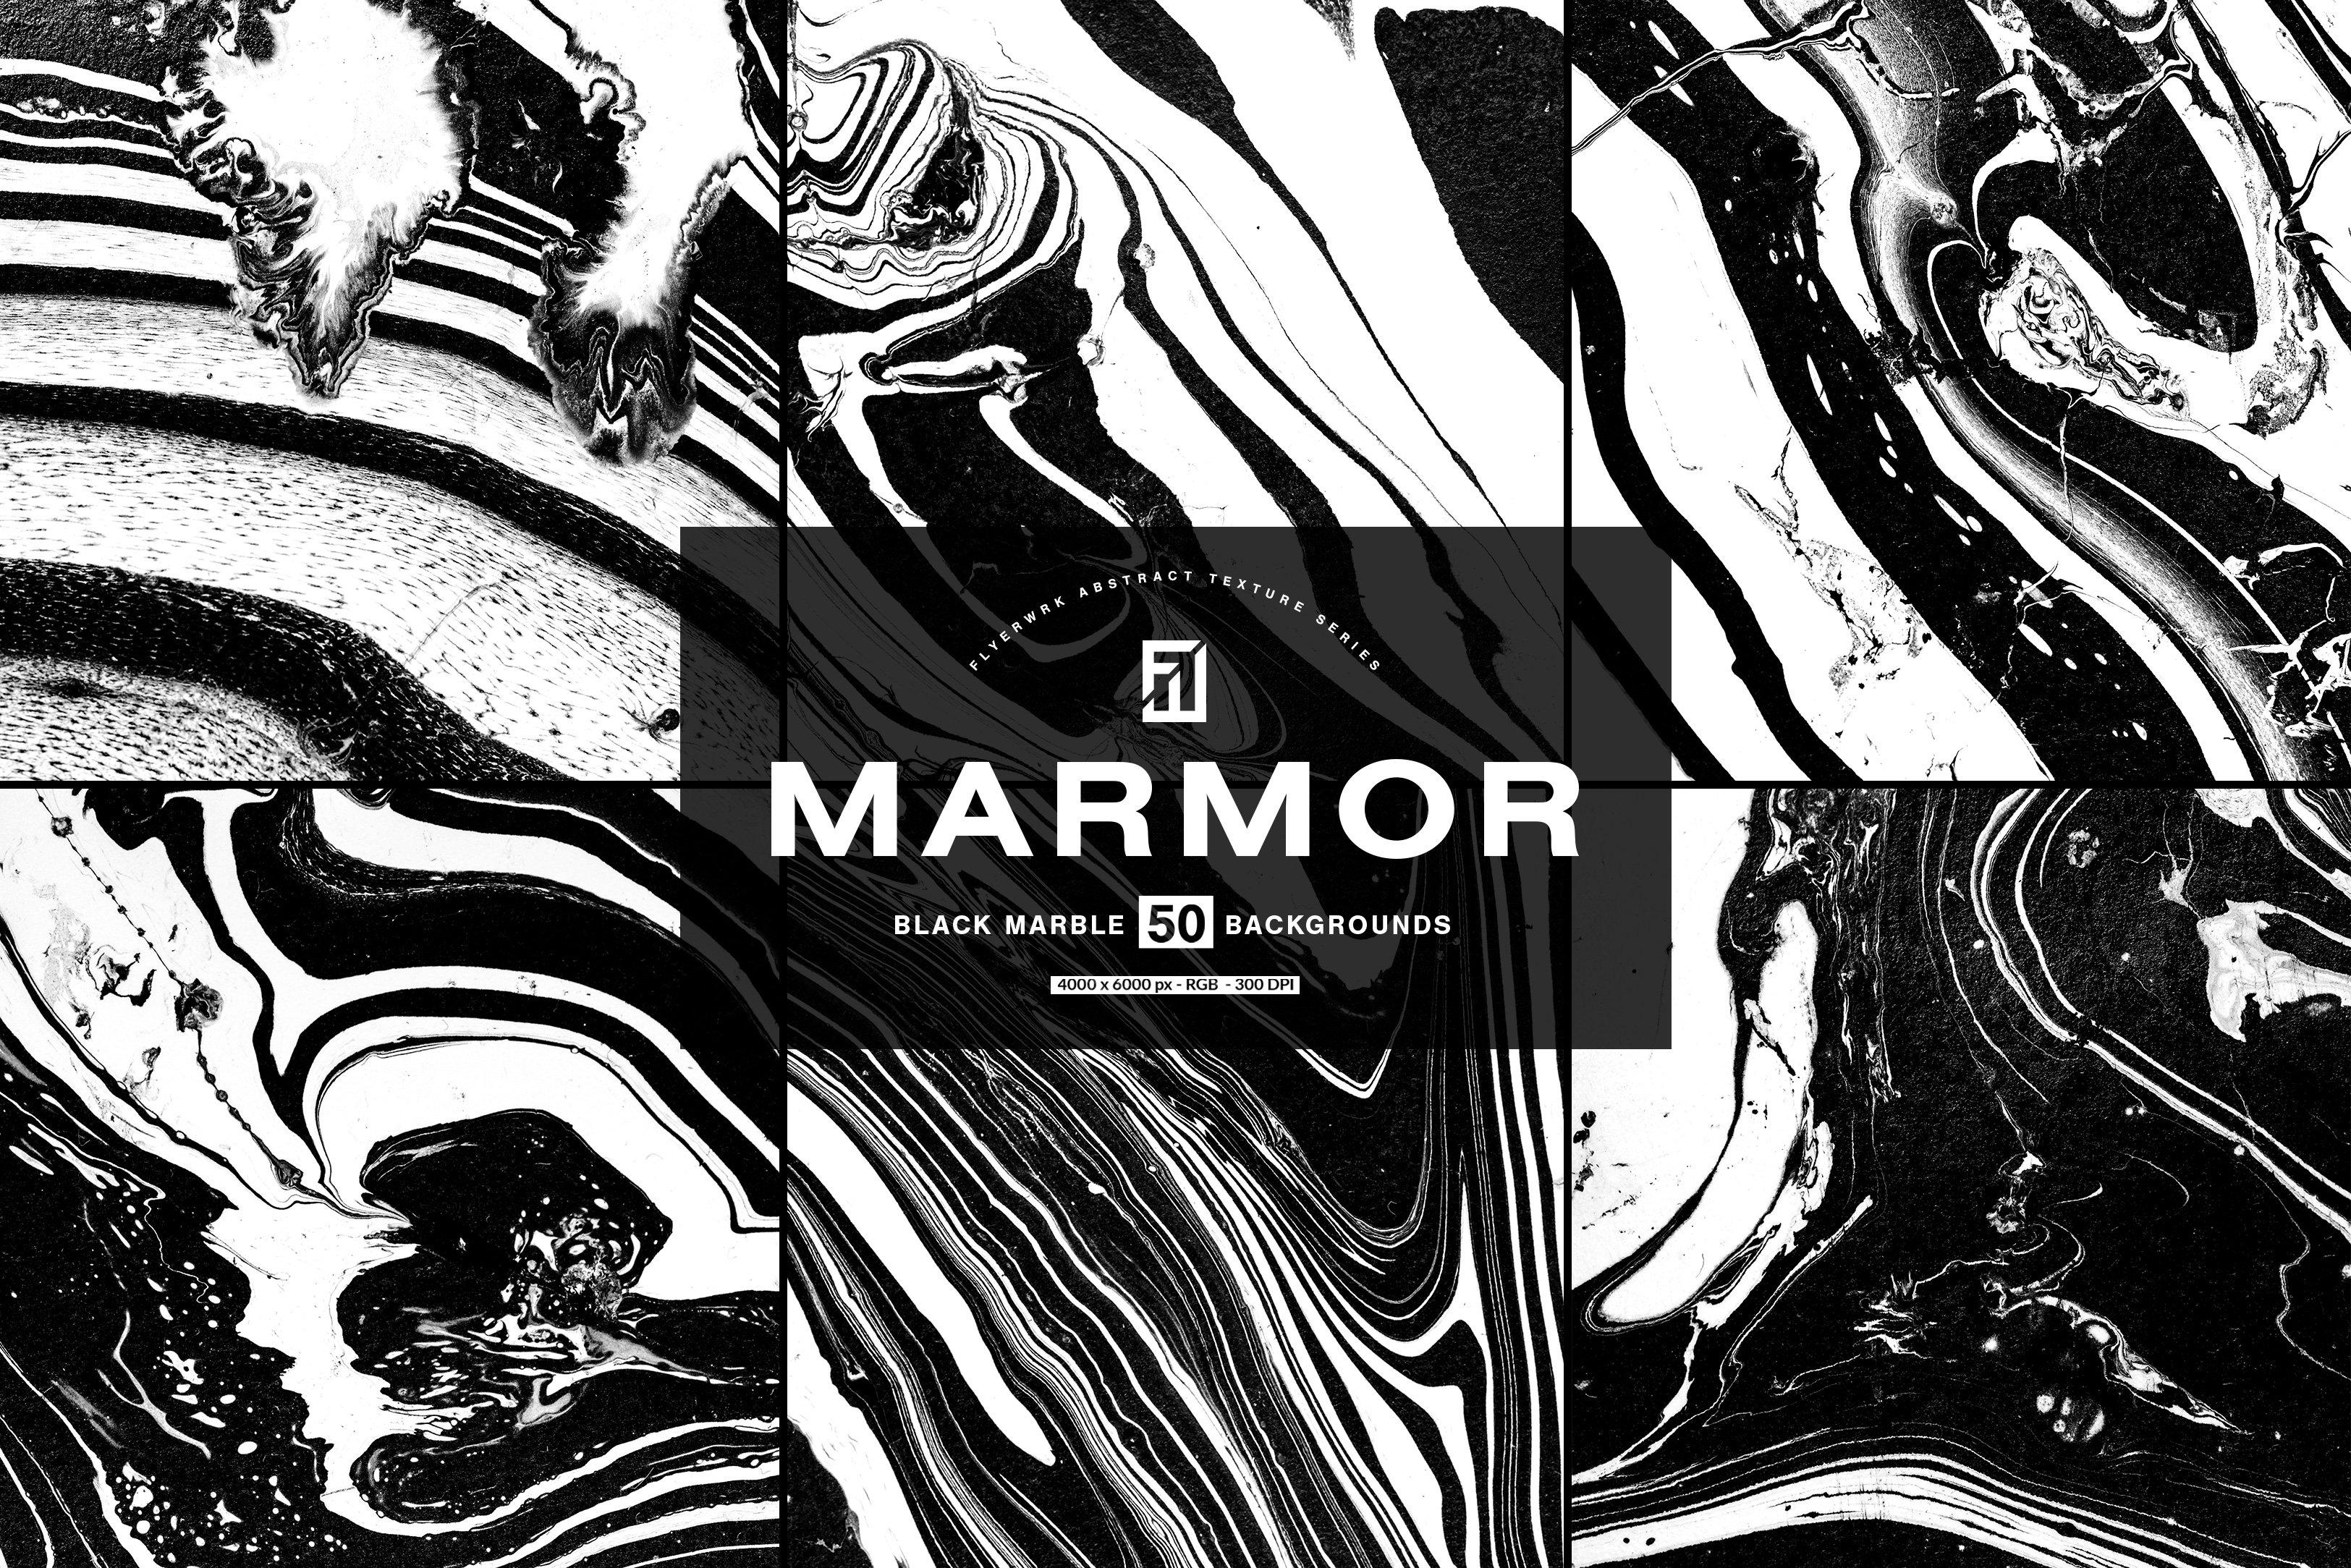 50款高清抽象大理石液体海报设计底纹背景图片素材 Marmor – 50 Abstract Marble textures插图(8)